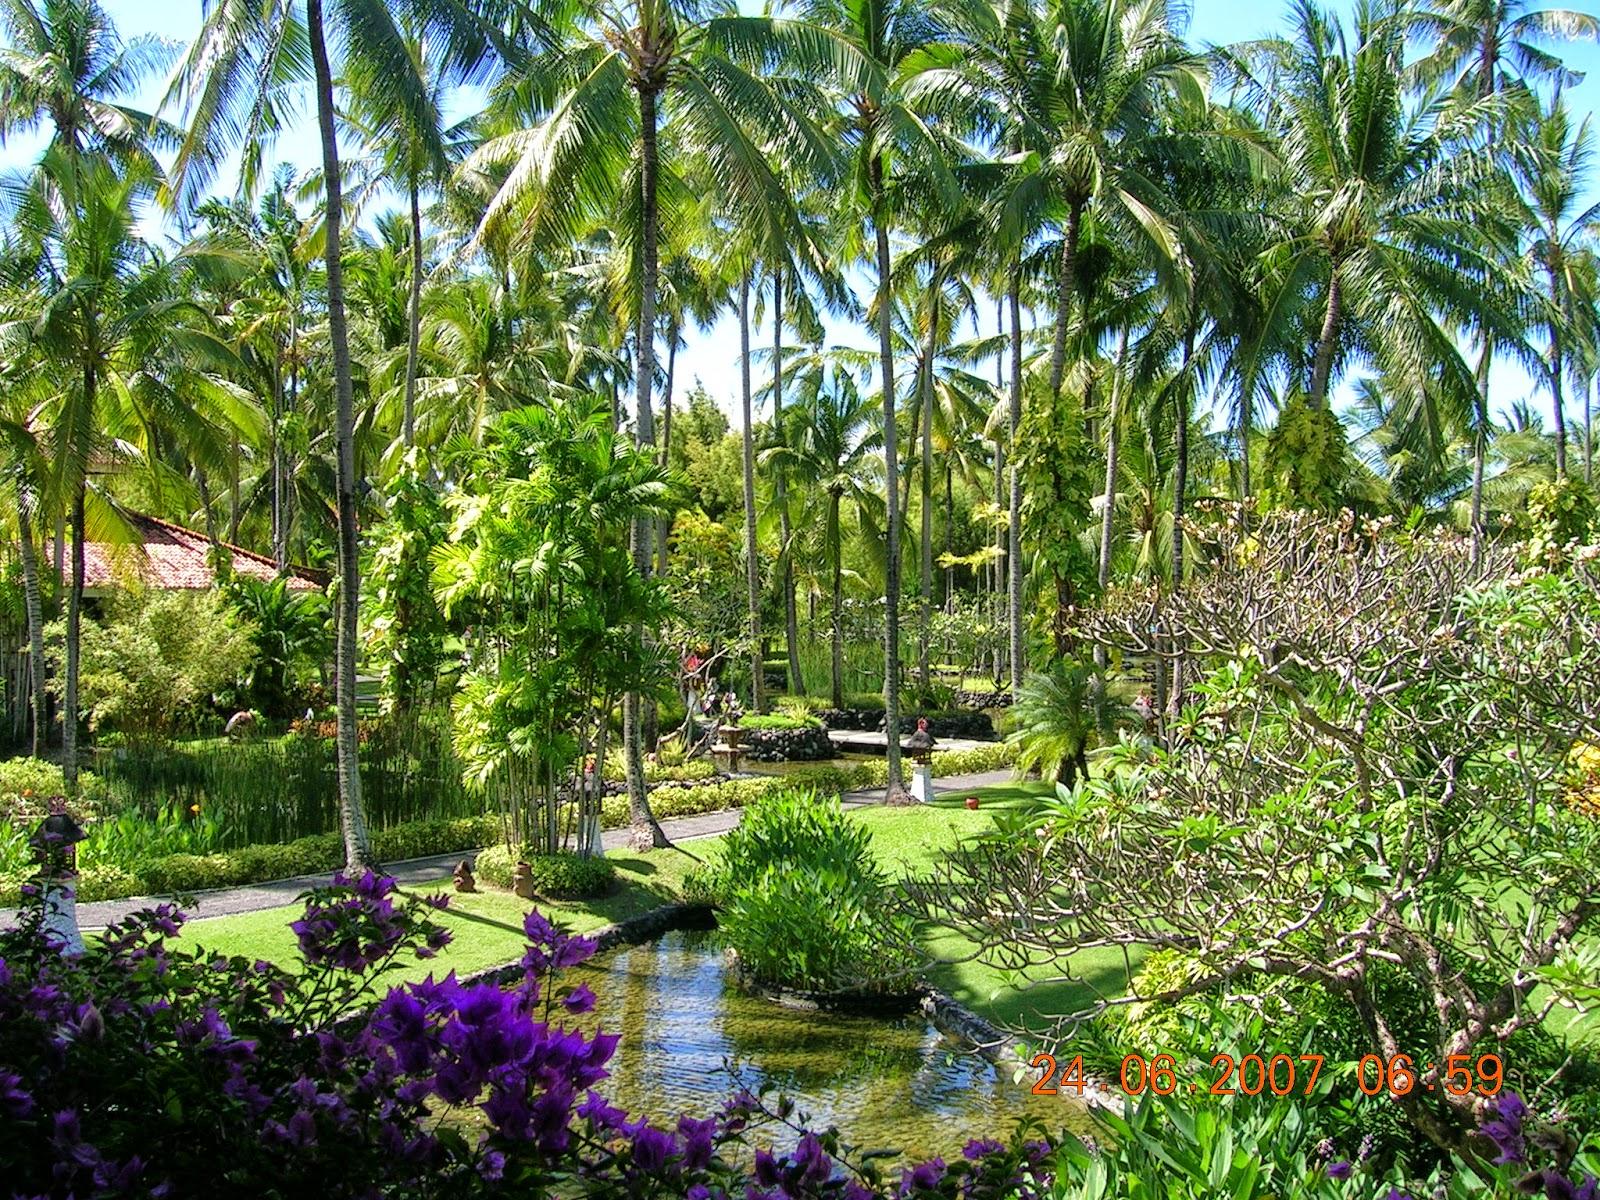 plantas jardins tropicais : plantas jardins tropicais:Não utilize as plantas podadas em topiaria, como buxinhos, as cercas